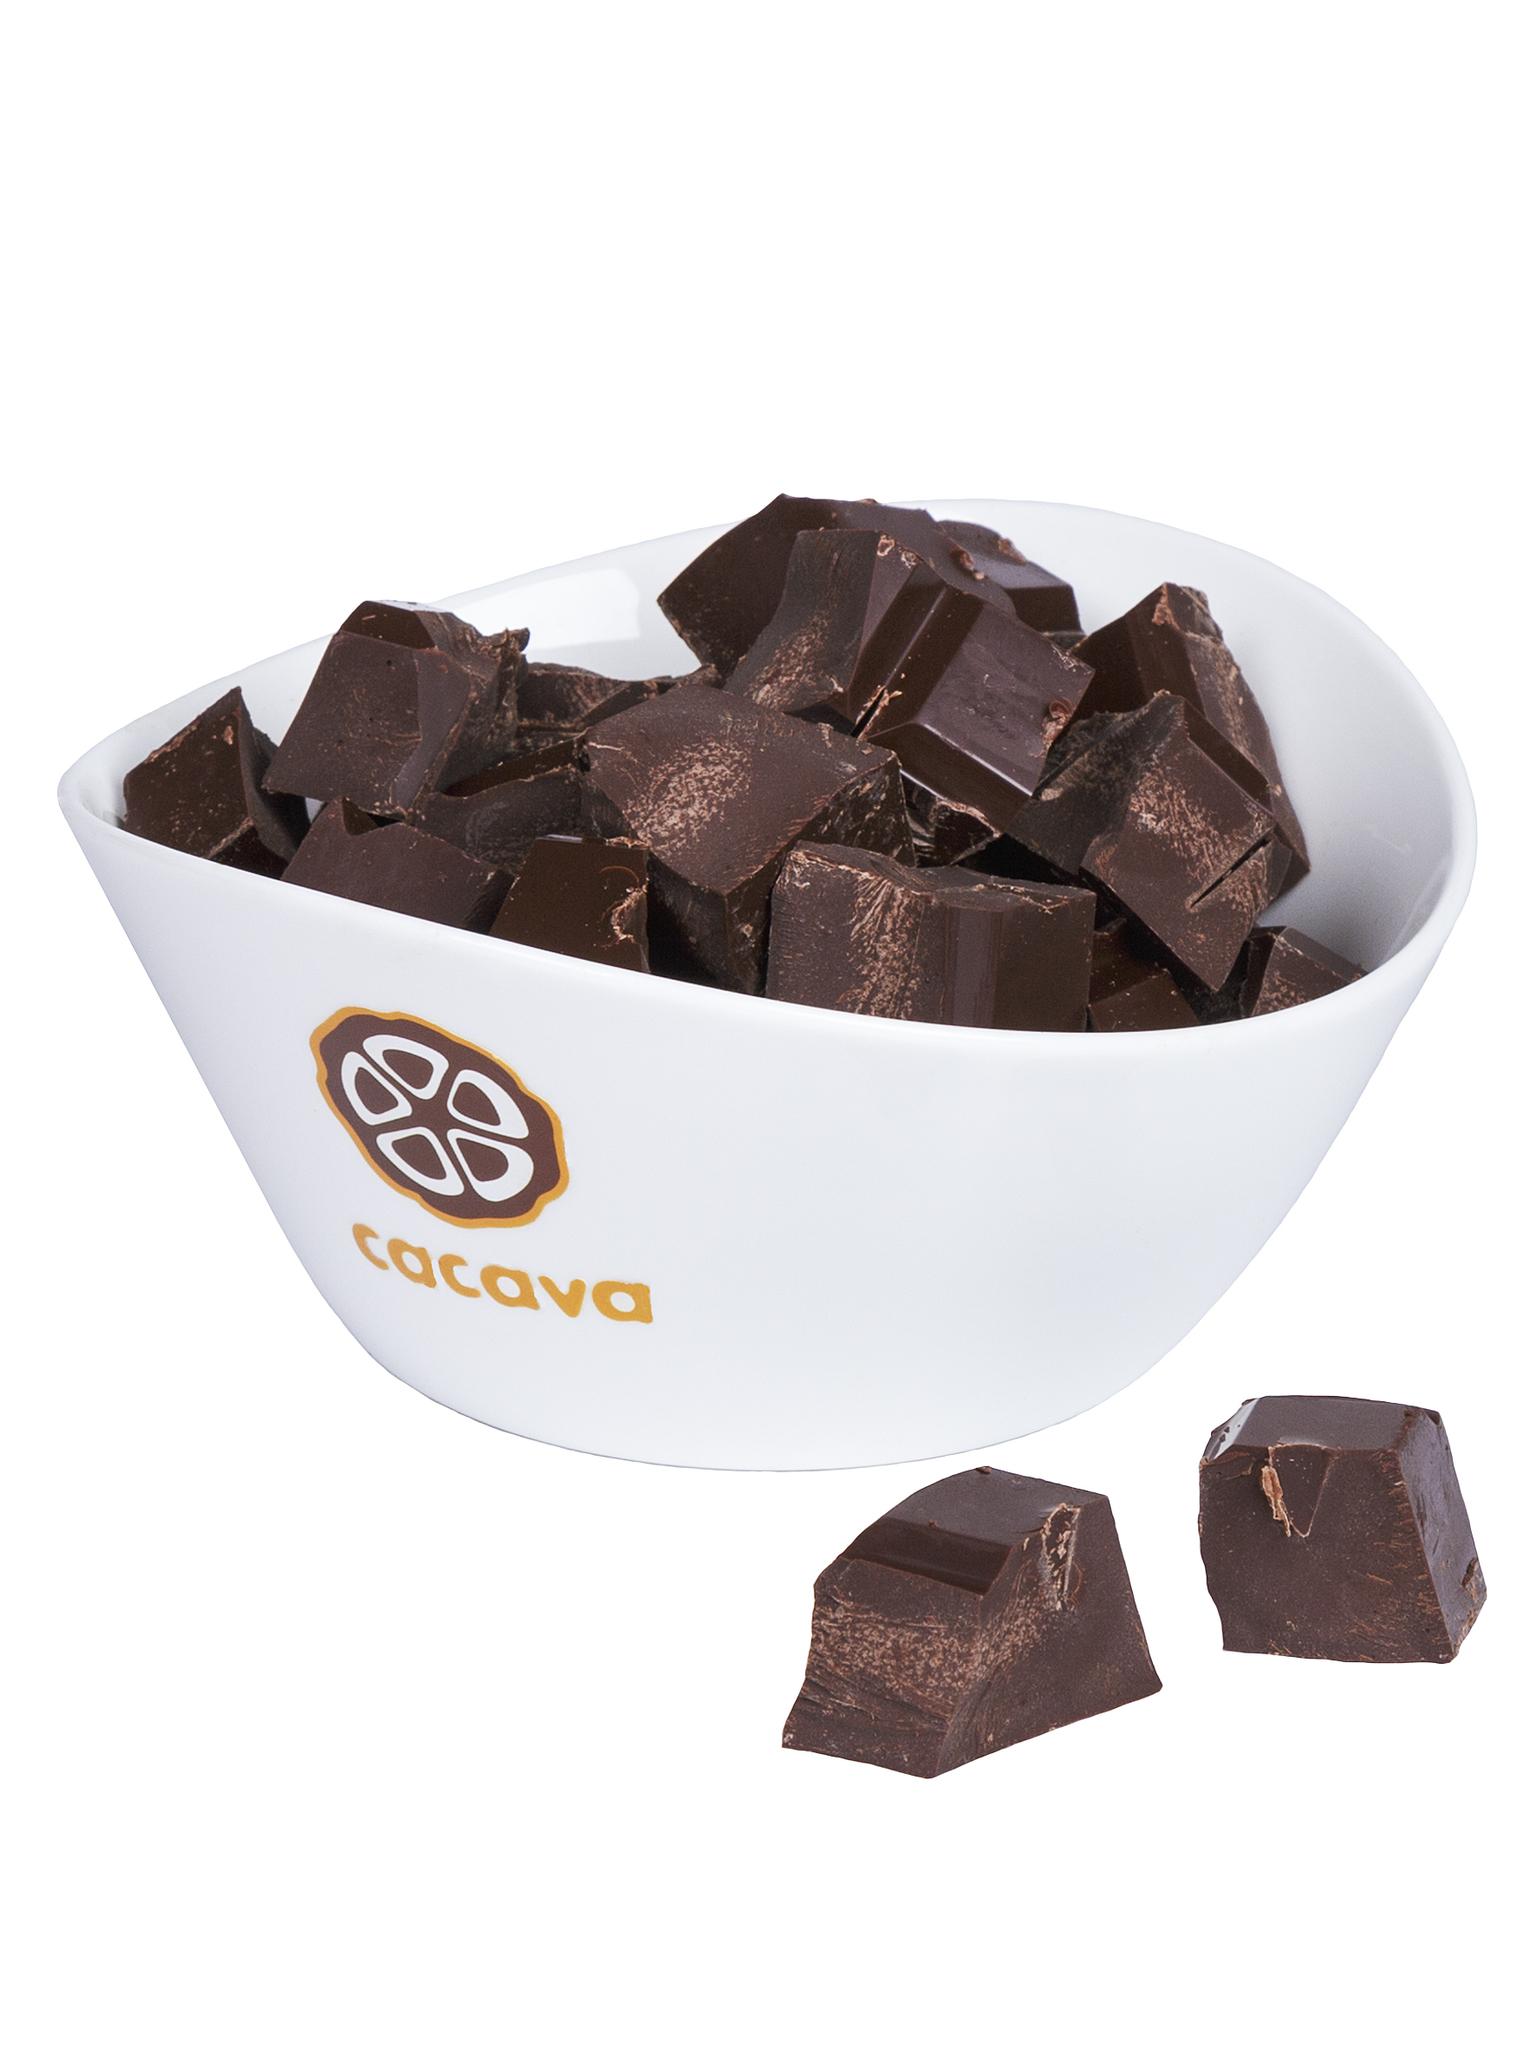 Тёмный шоколад 70 % какао (Перу, Organic Satipo), внешний вид